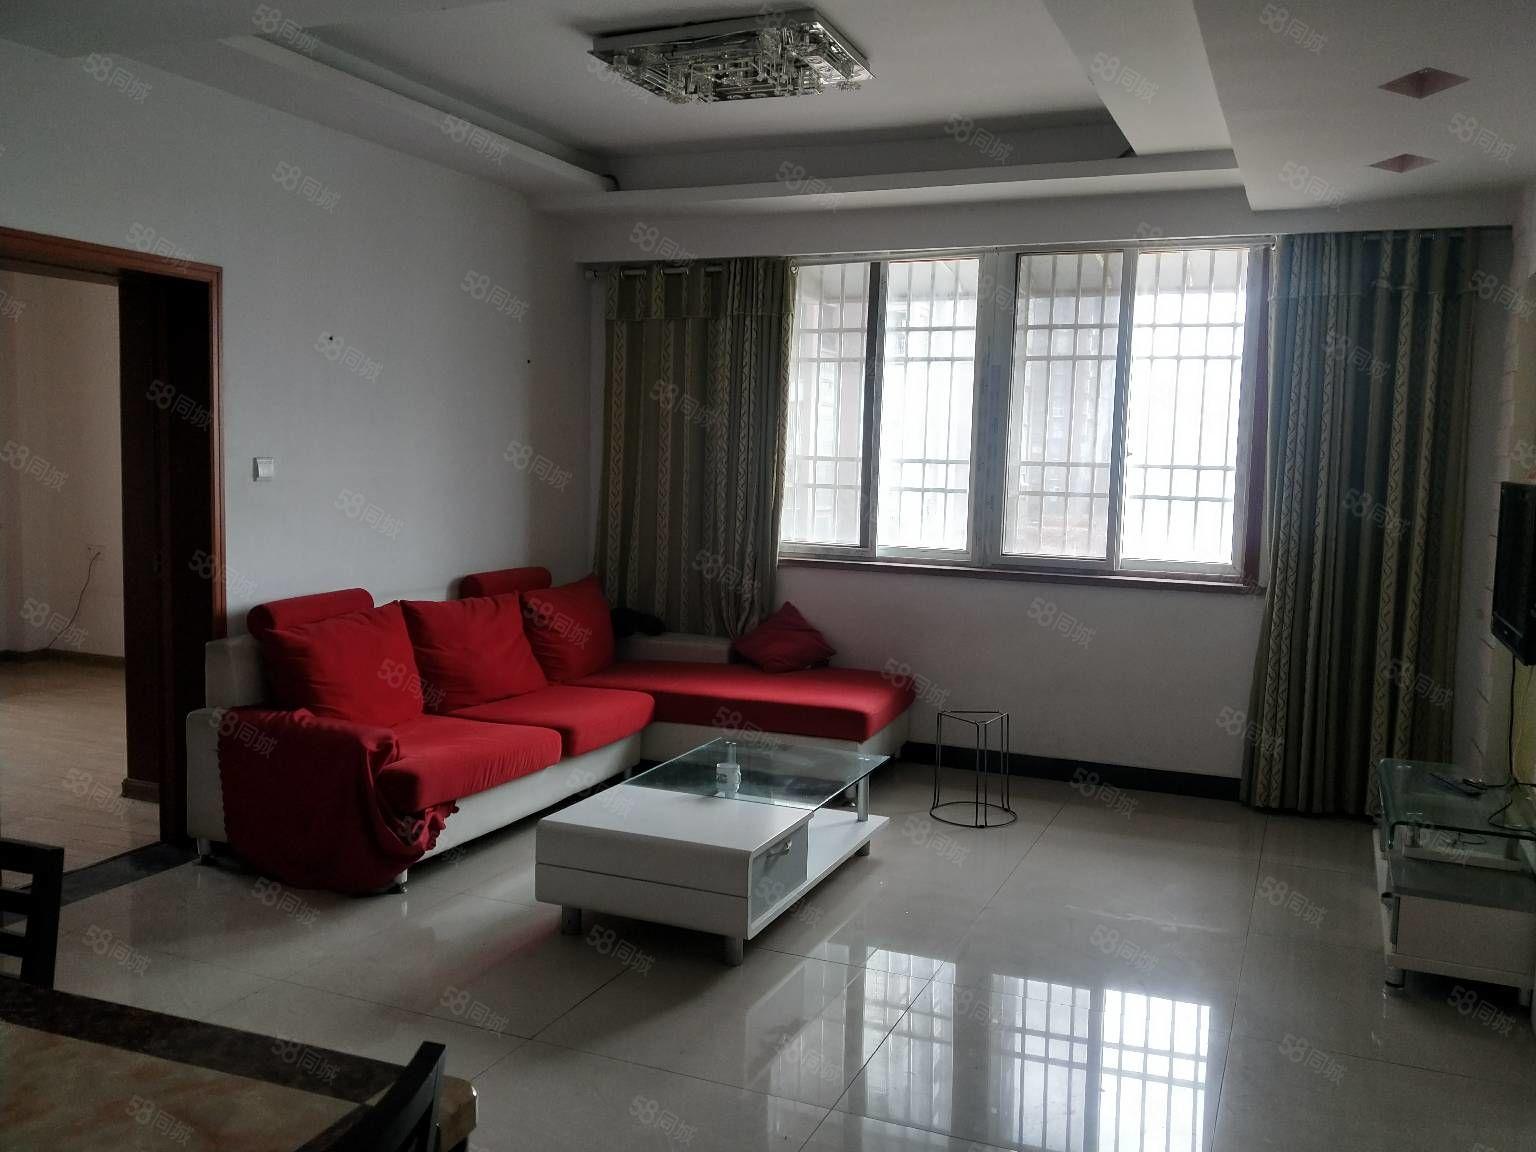 新出精装单元房蓝鼎二期附近三室两厅家具家电齐全。